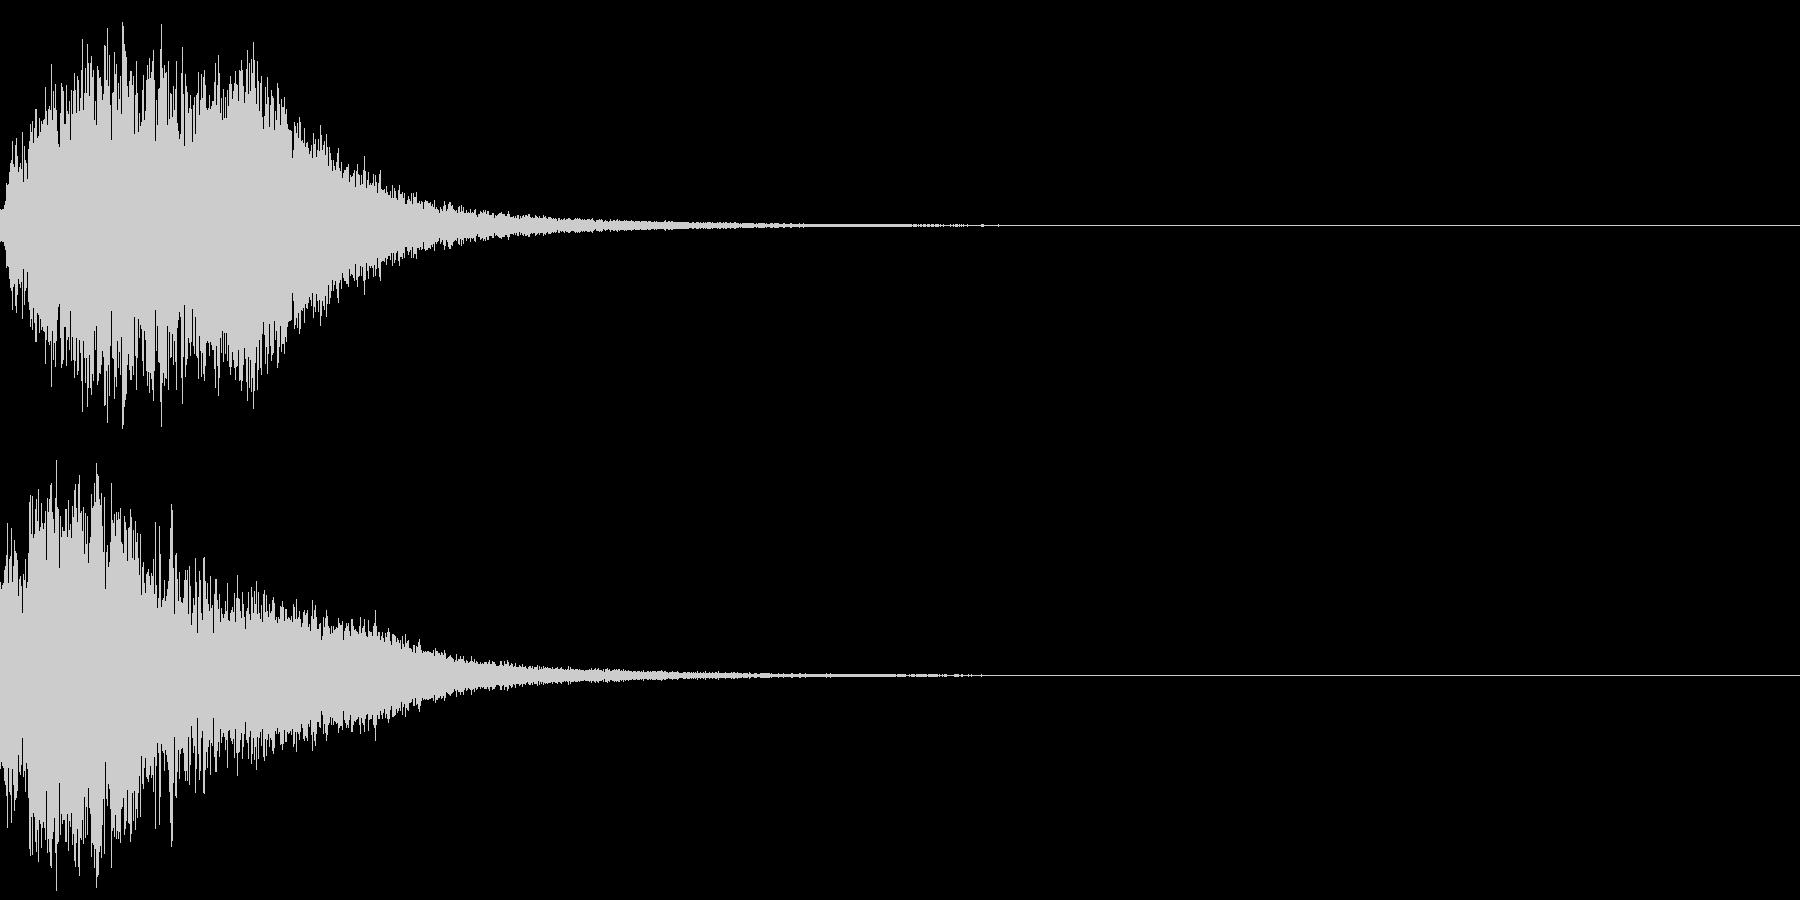 シャキーン(魔法、星、光の輝きに)6CVの未再生の波形